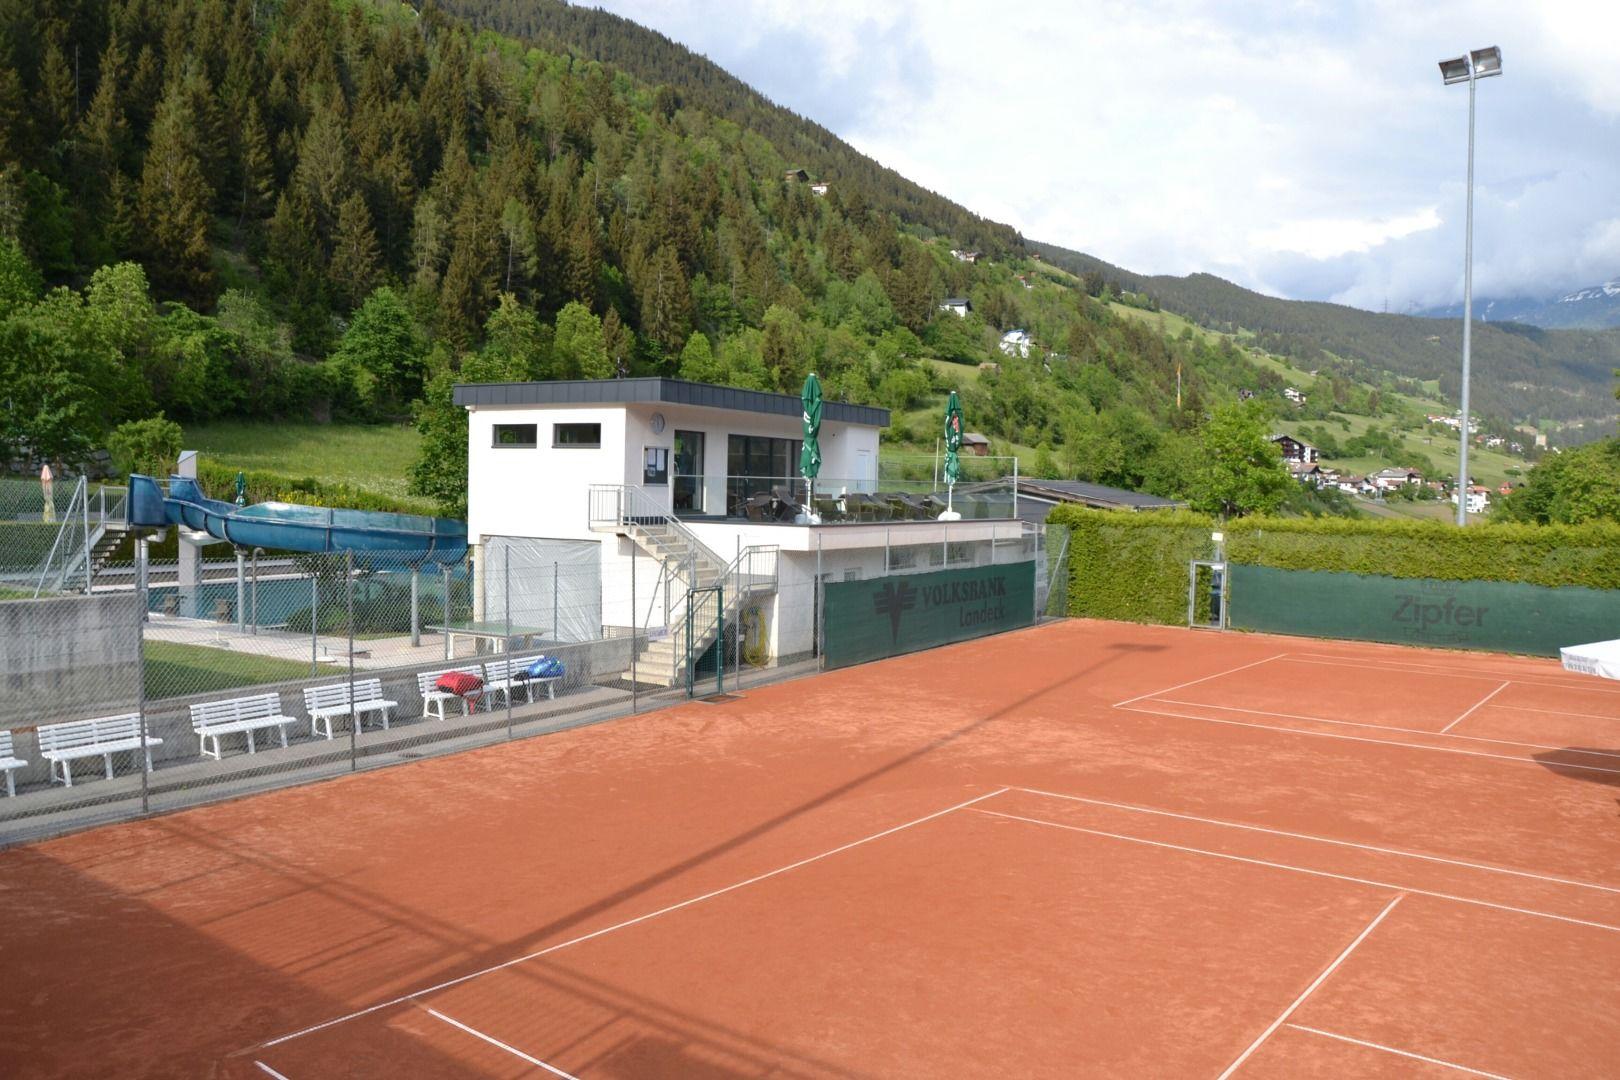 Tennis court flow